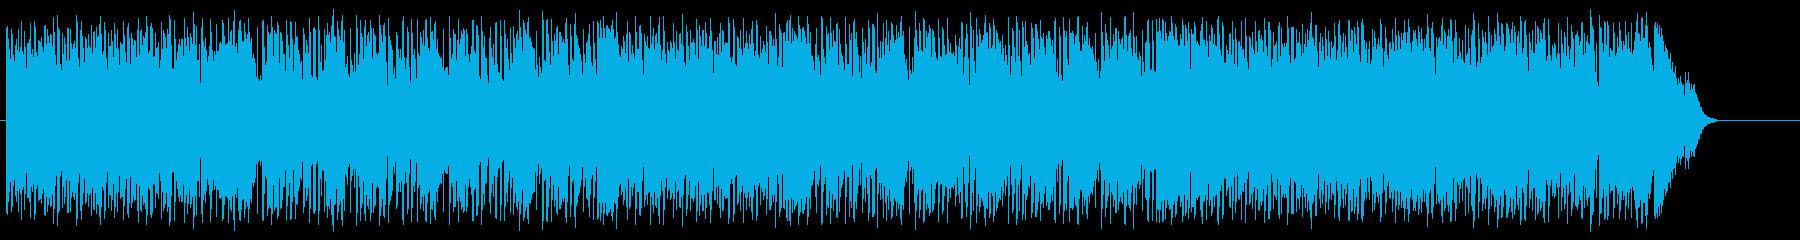 爽やかな風を感じるフュージョン/ポップの再生済みの波形